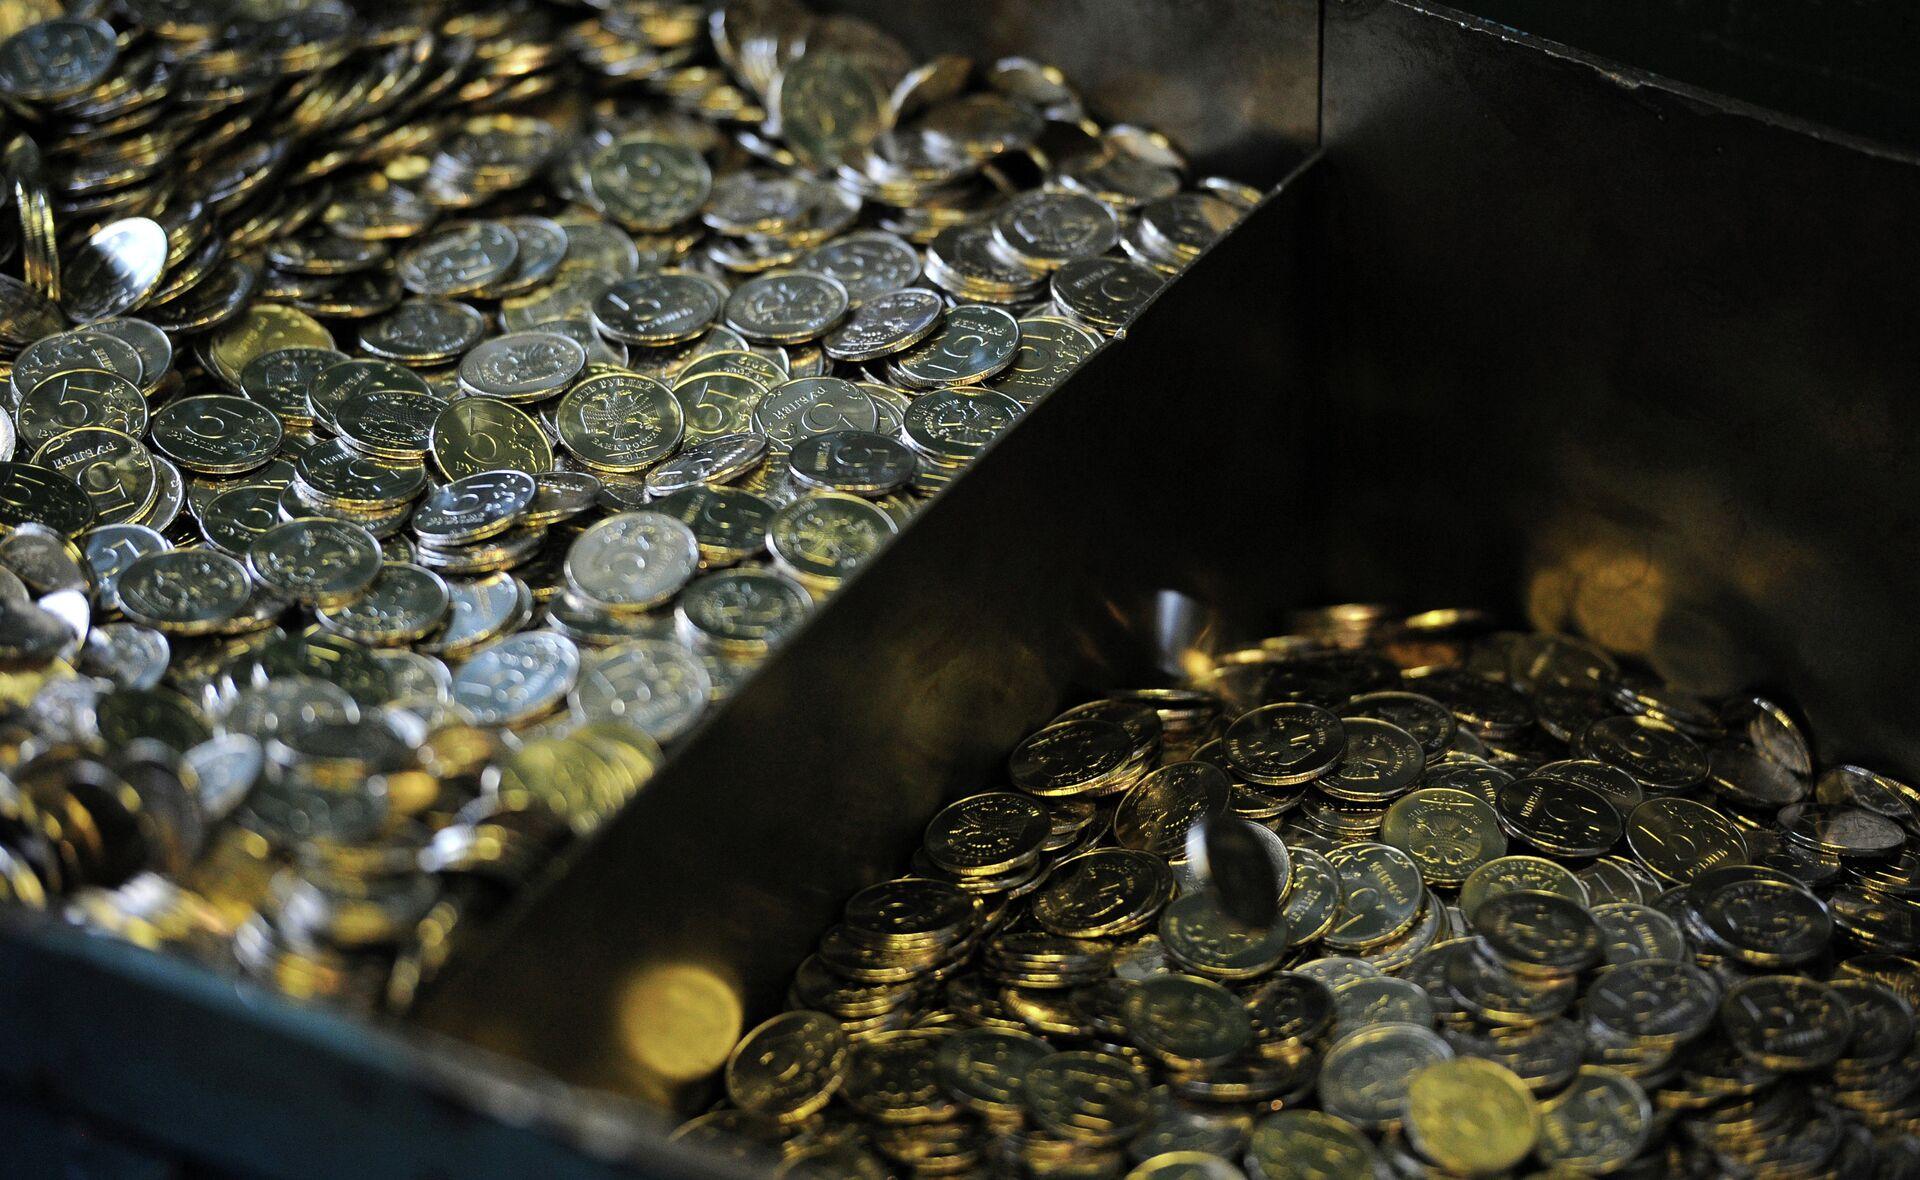 Готовые пятирублевые монеты, изготовленные на Московском монетном дворе Гознака - РИА Новости, 1920, 10.01.2021